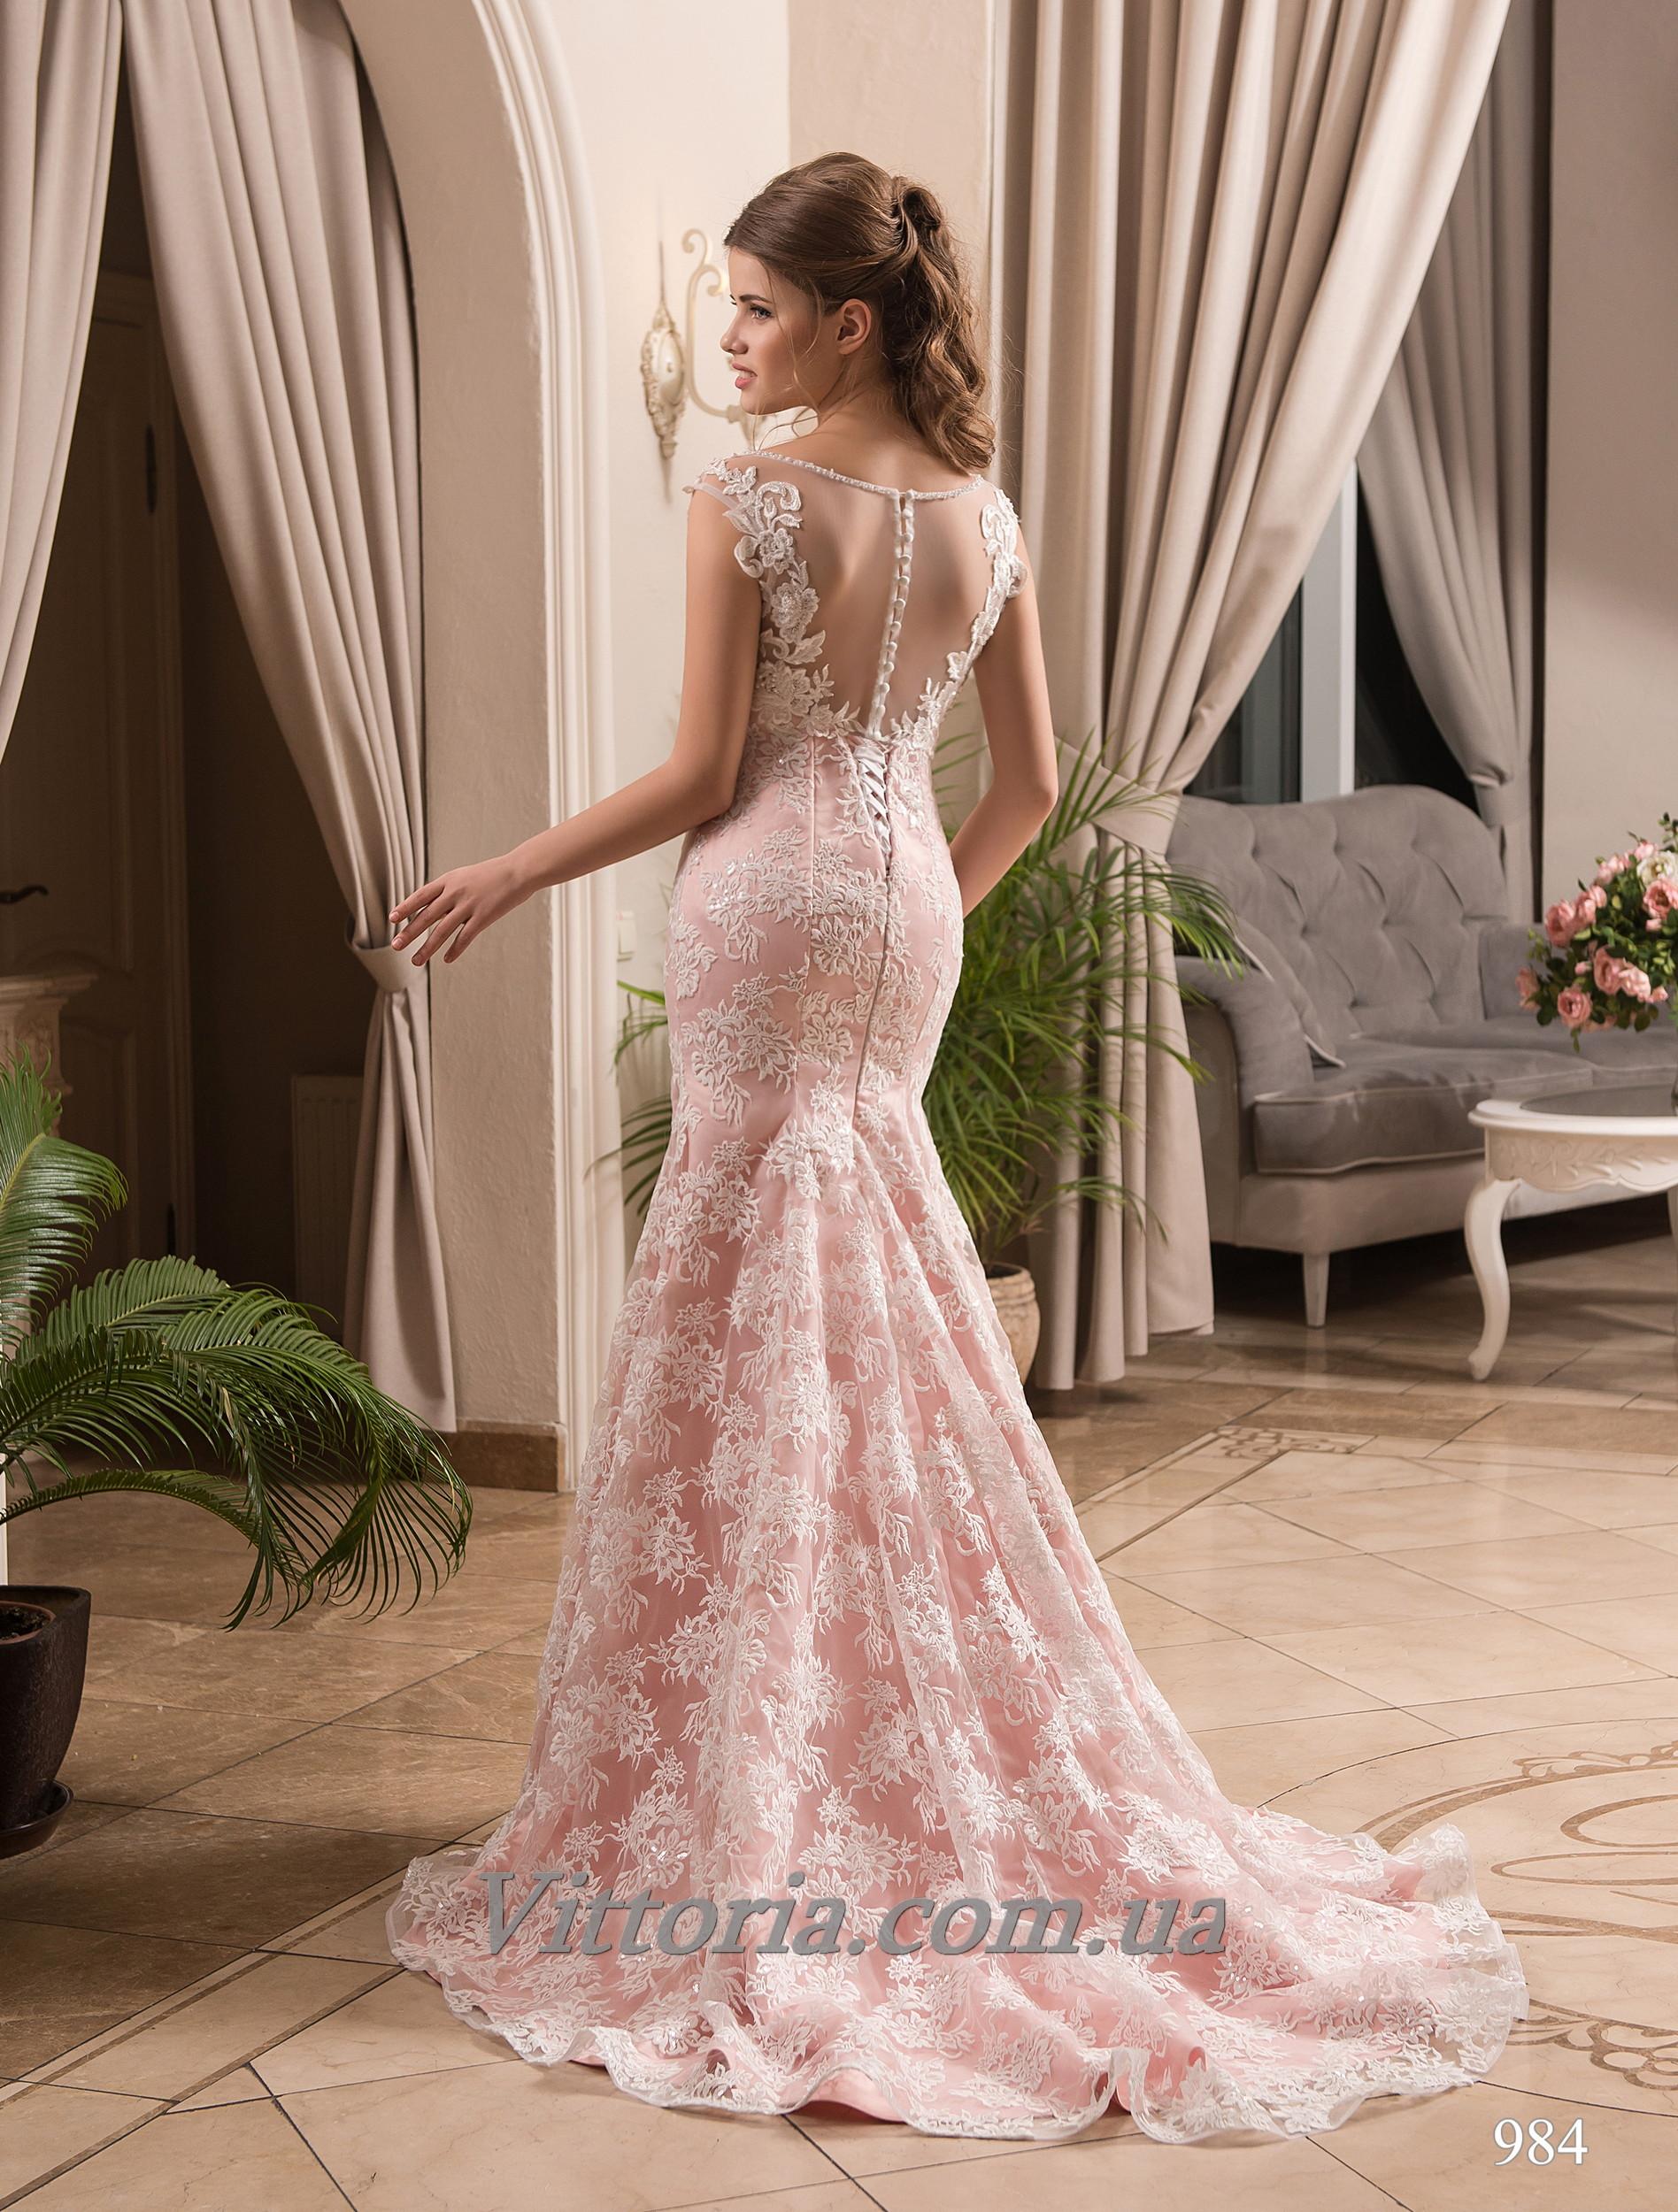 Свадебное платье Модель 17-984